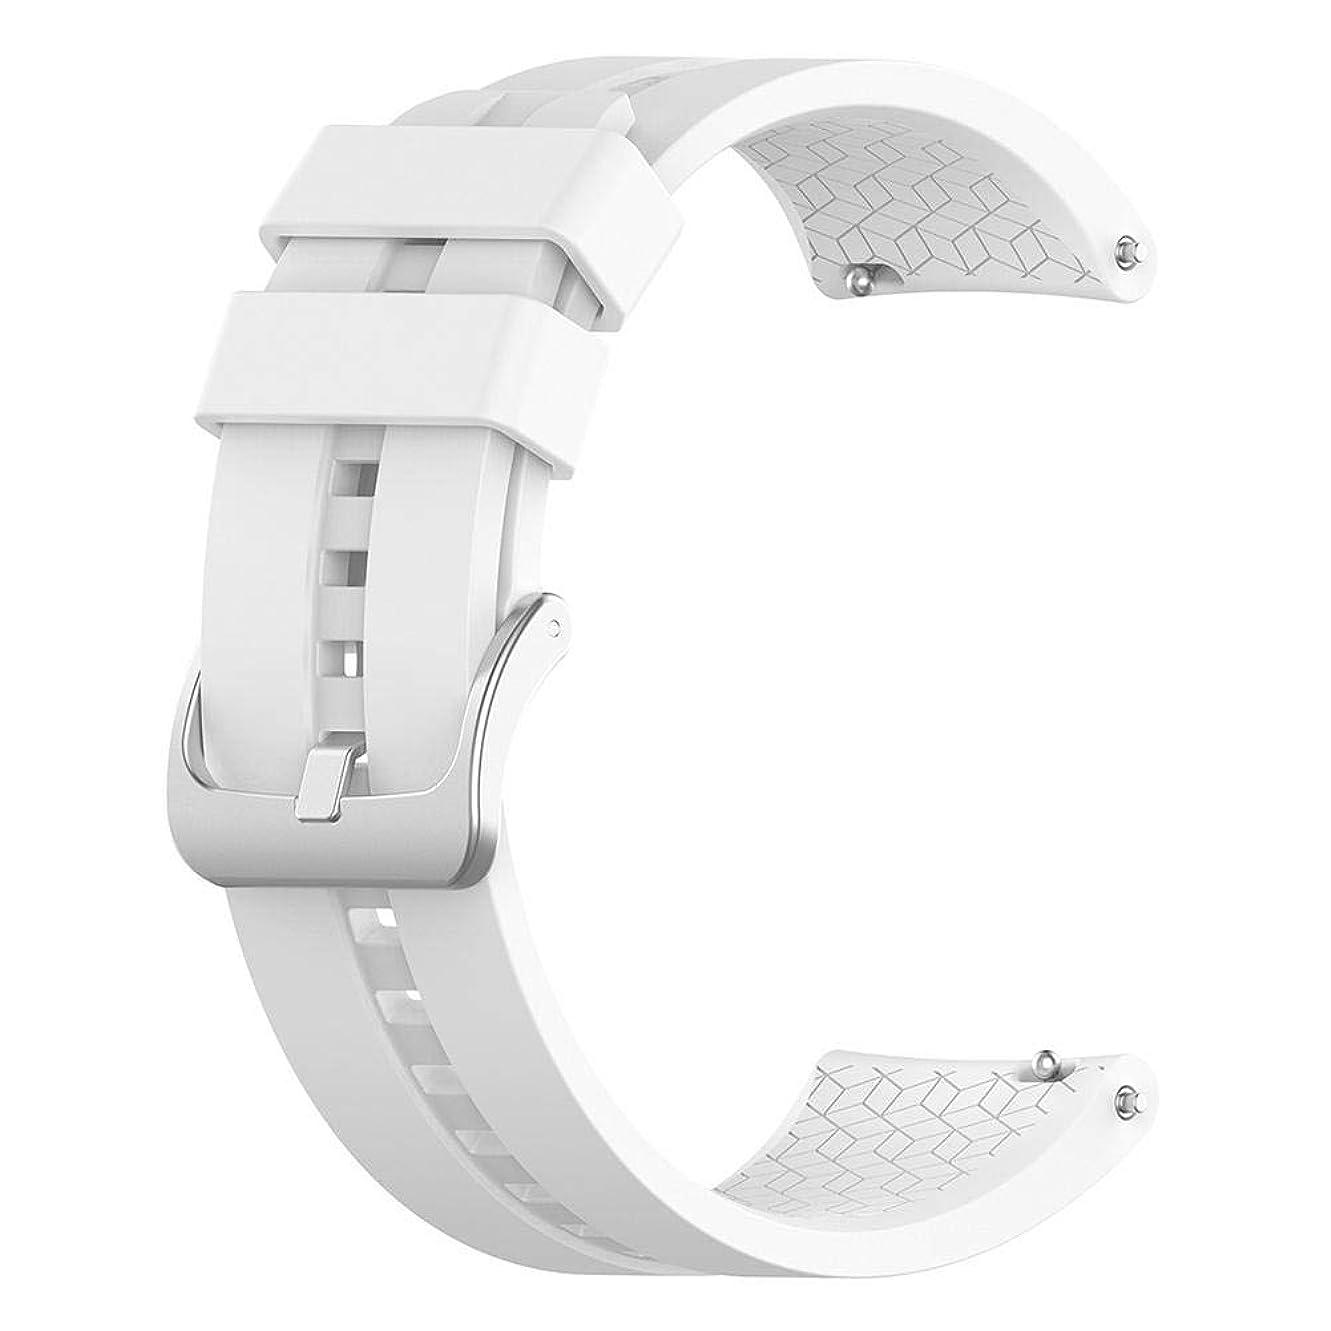 文化リゾートトレーダーcasualcatch スマートウォッチバンド ファーウェイ Huawei Watch GT Elegant 42mm対応 交換用ベルト 時計バンド ホワイト